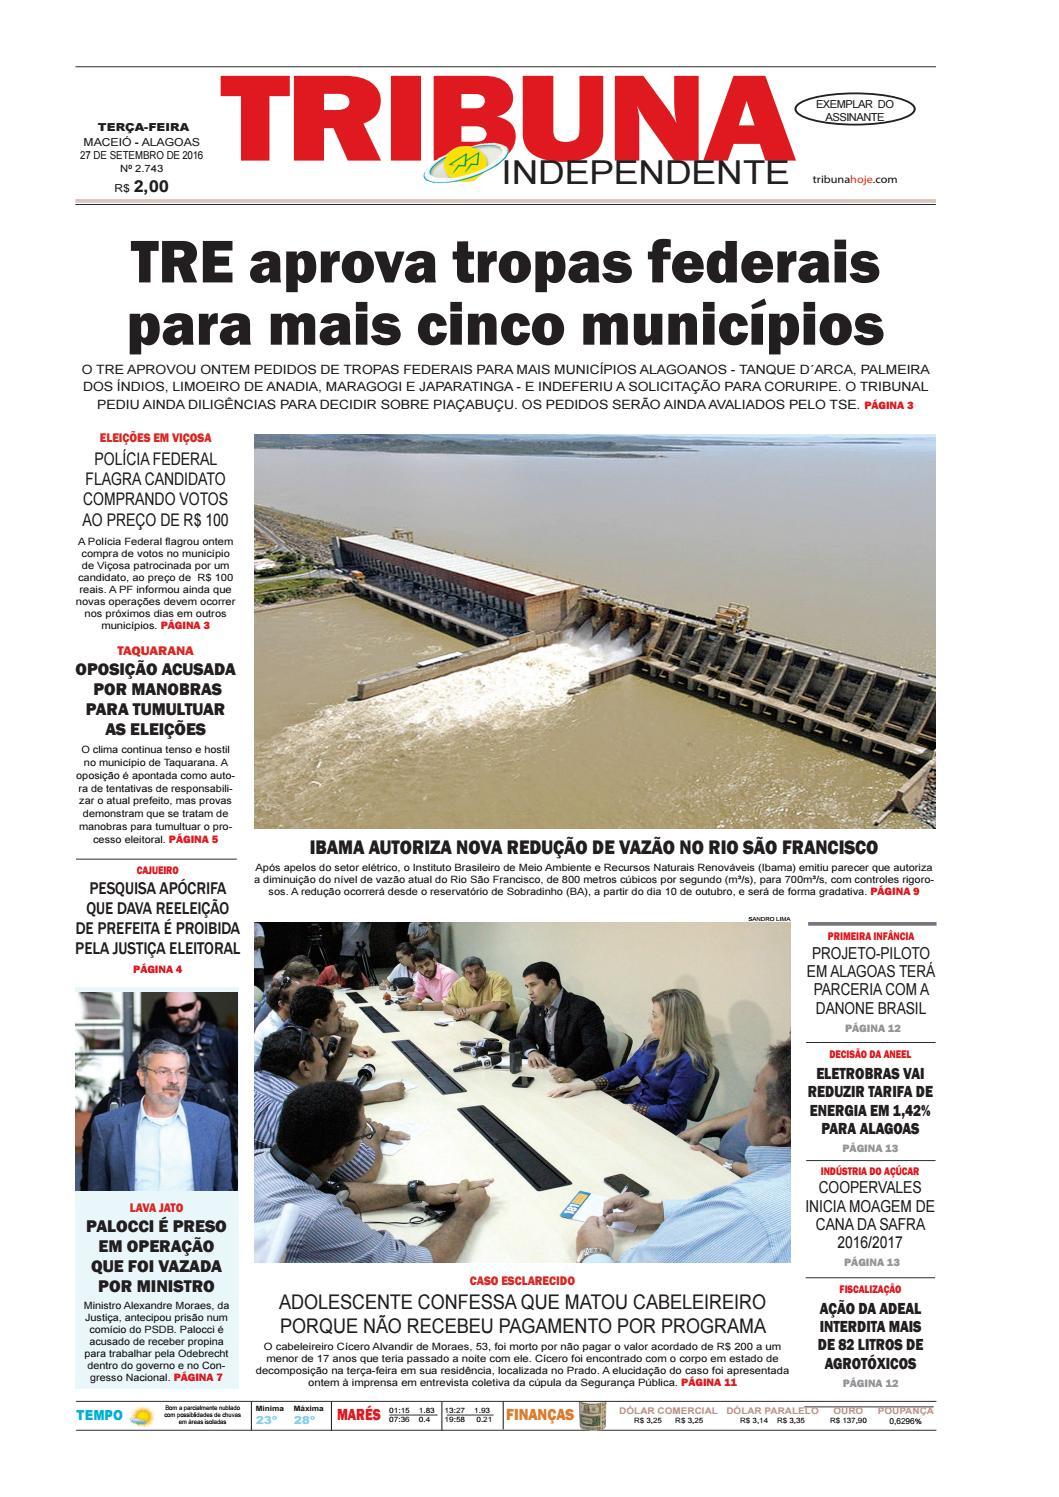 c81972358 Edição número 2743 - 27 de setembro de 2016 by Tribuna Hoje - issuu